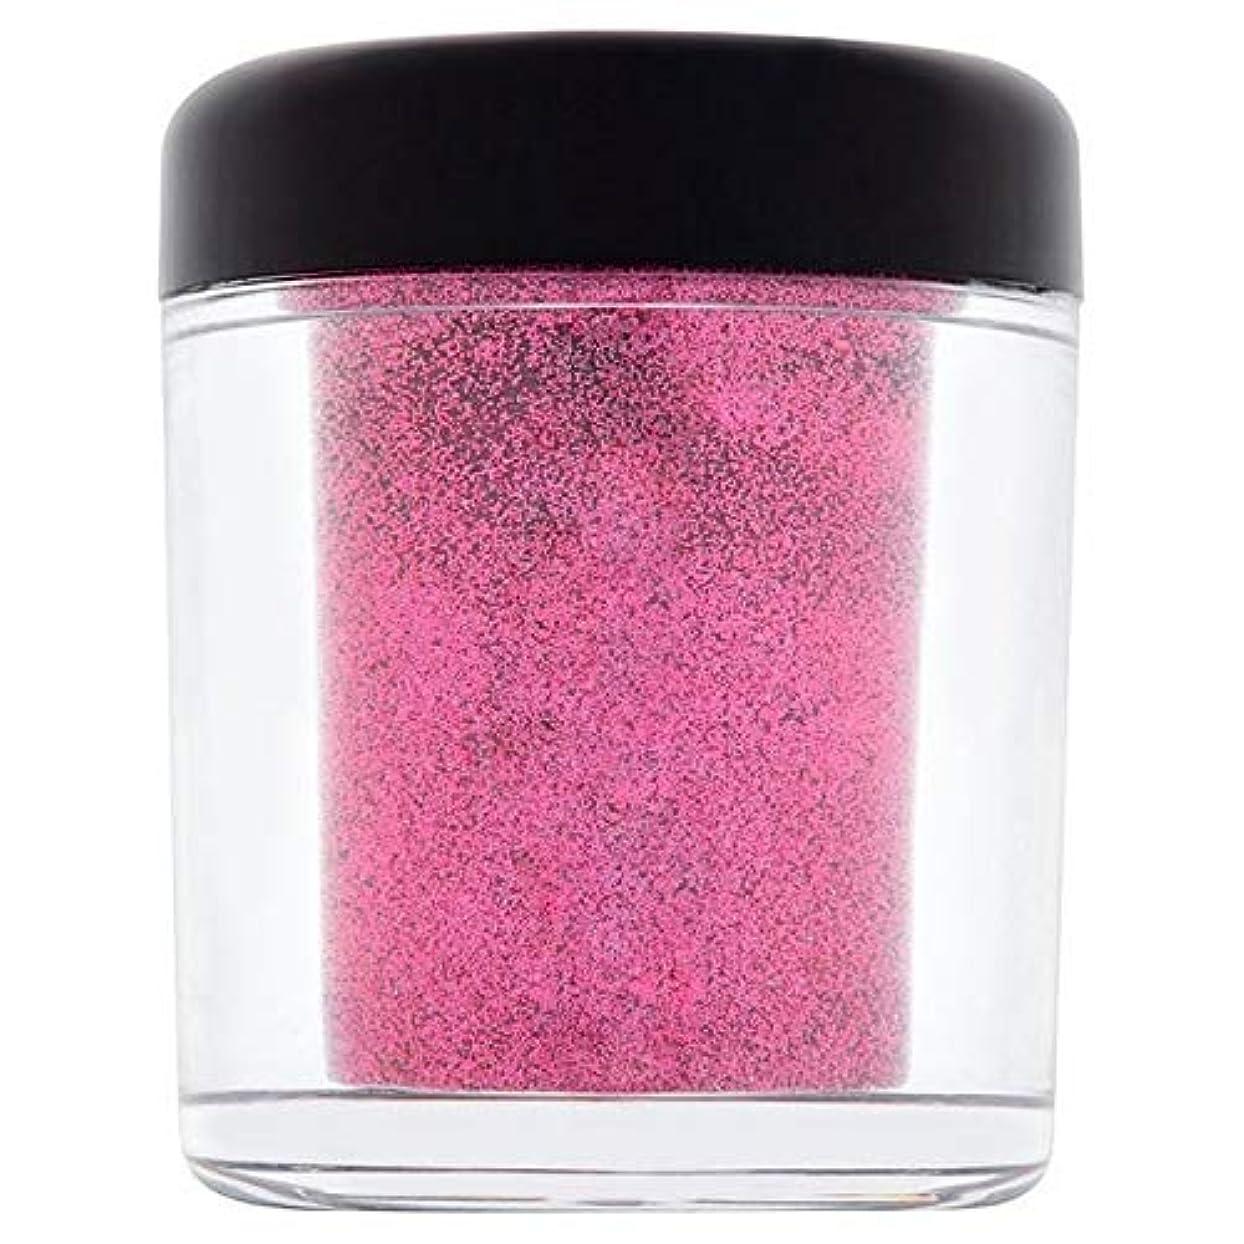 前書き絡まる暖かさ[Collection ] 収集グラムの結晶フェイス&ボディグリッター誘惑4 - Collection Glam Crystals Face & Body Glitter Temptation 4 [並行輸入品]